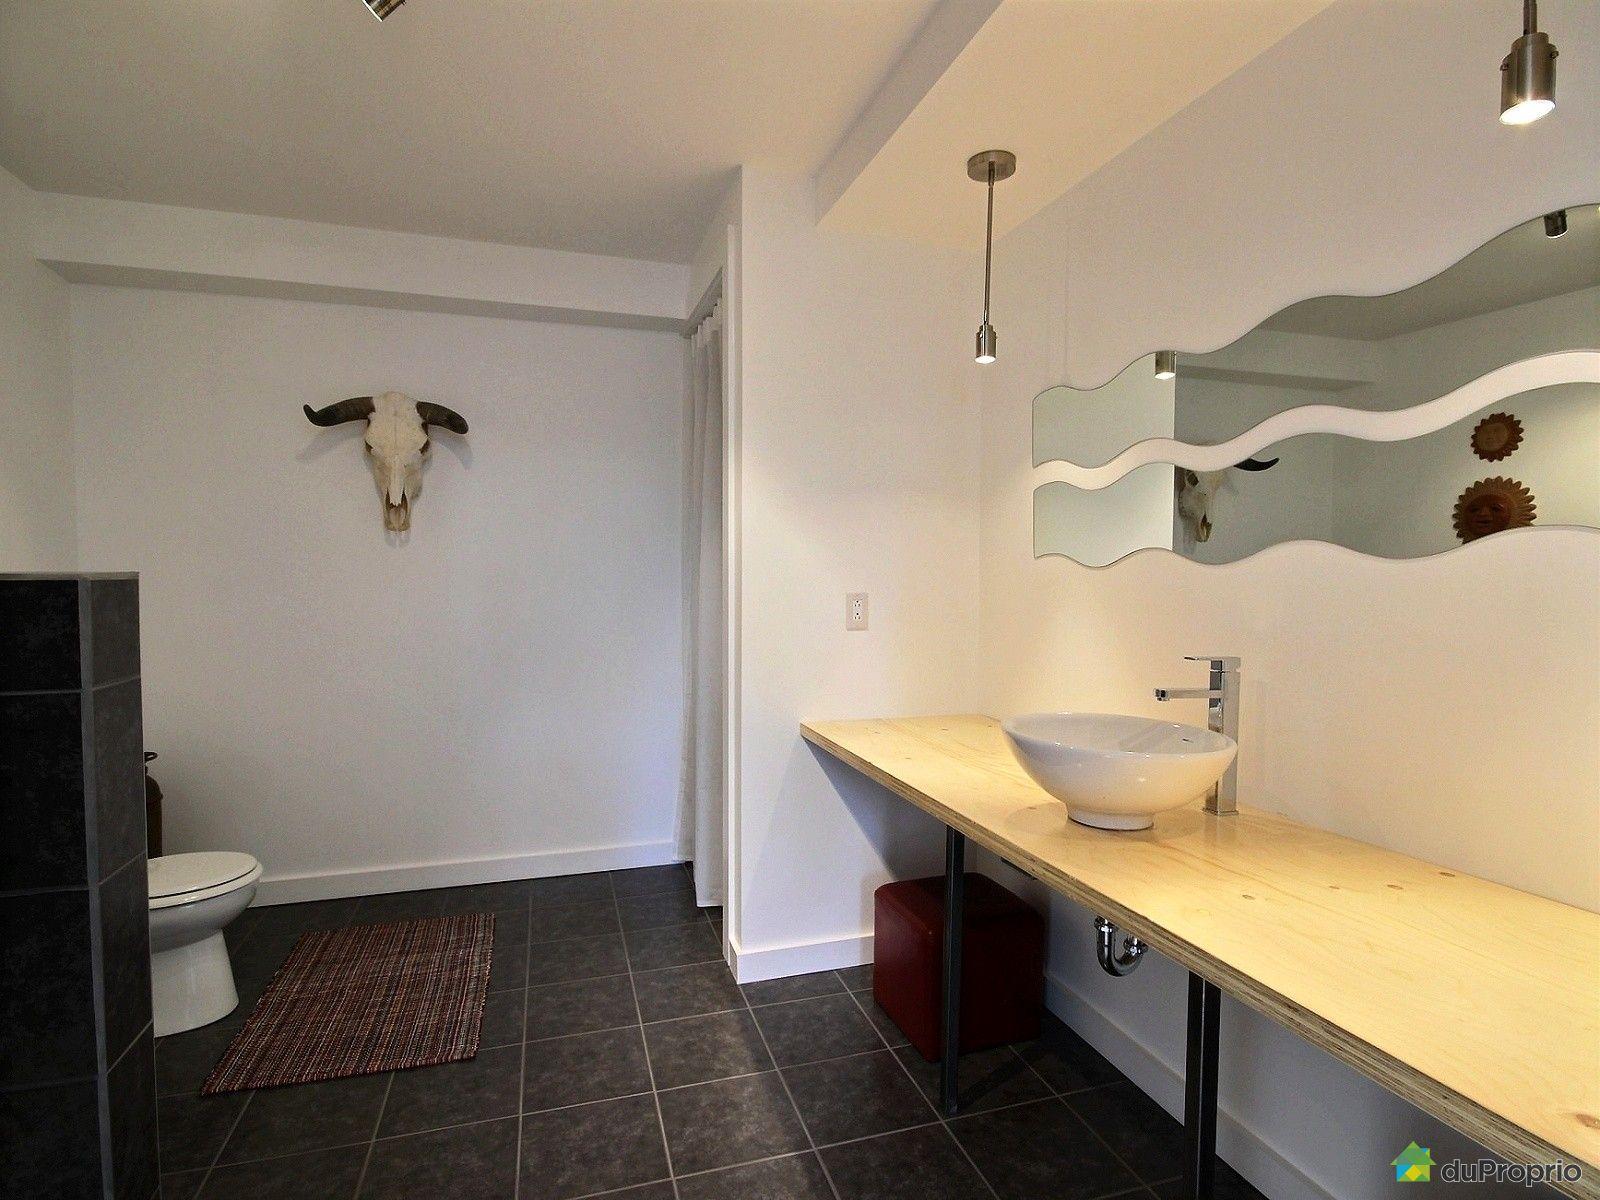 Maison vendre morin heights 38 rue de la c dri re for Prix salle de bain sous sol